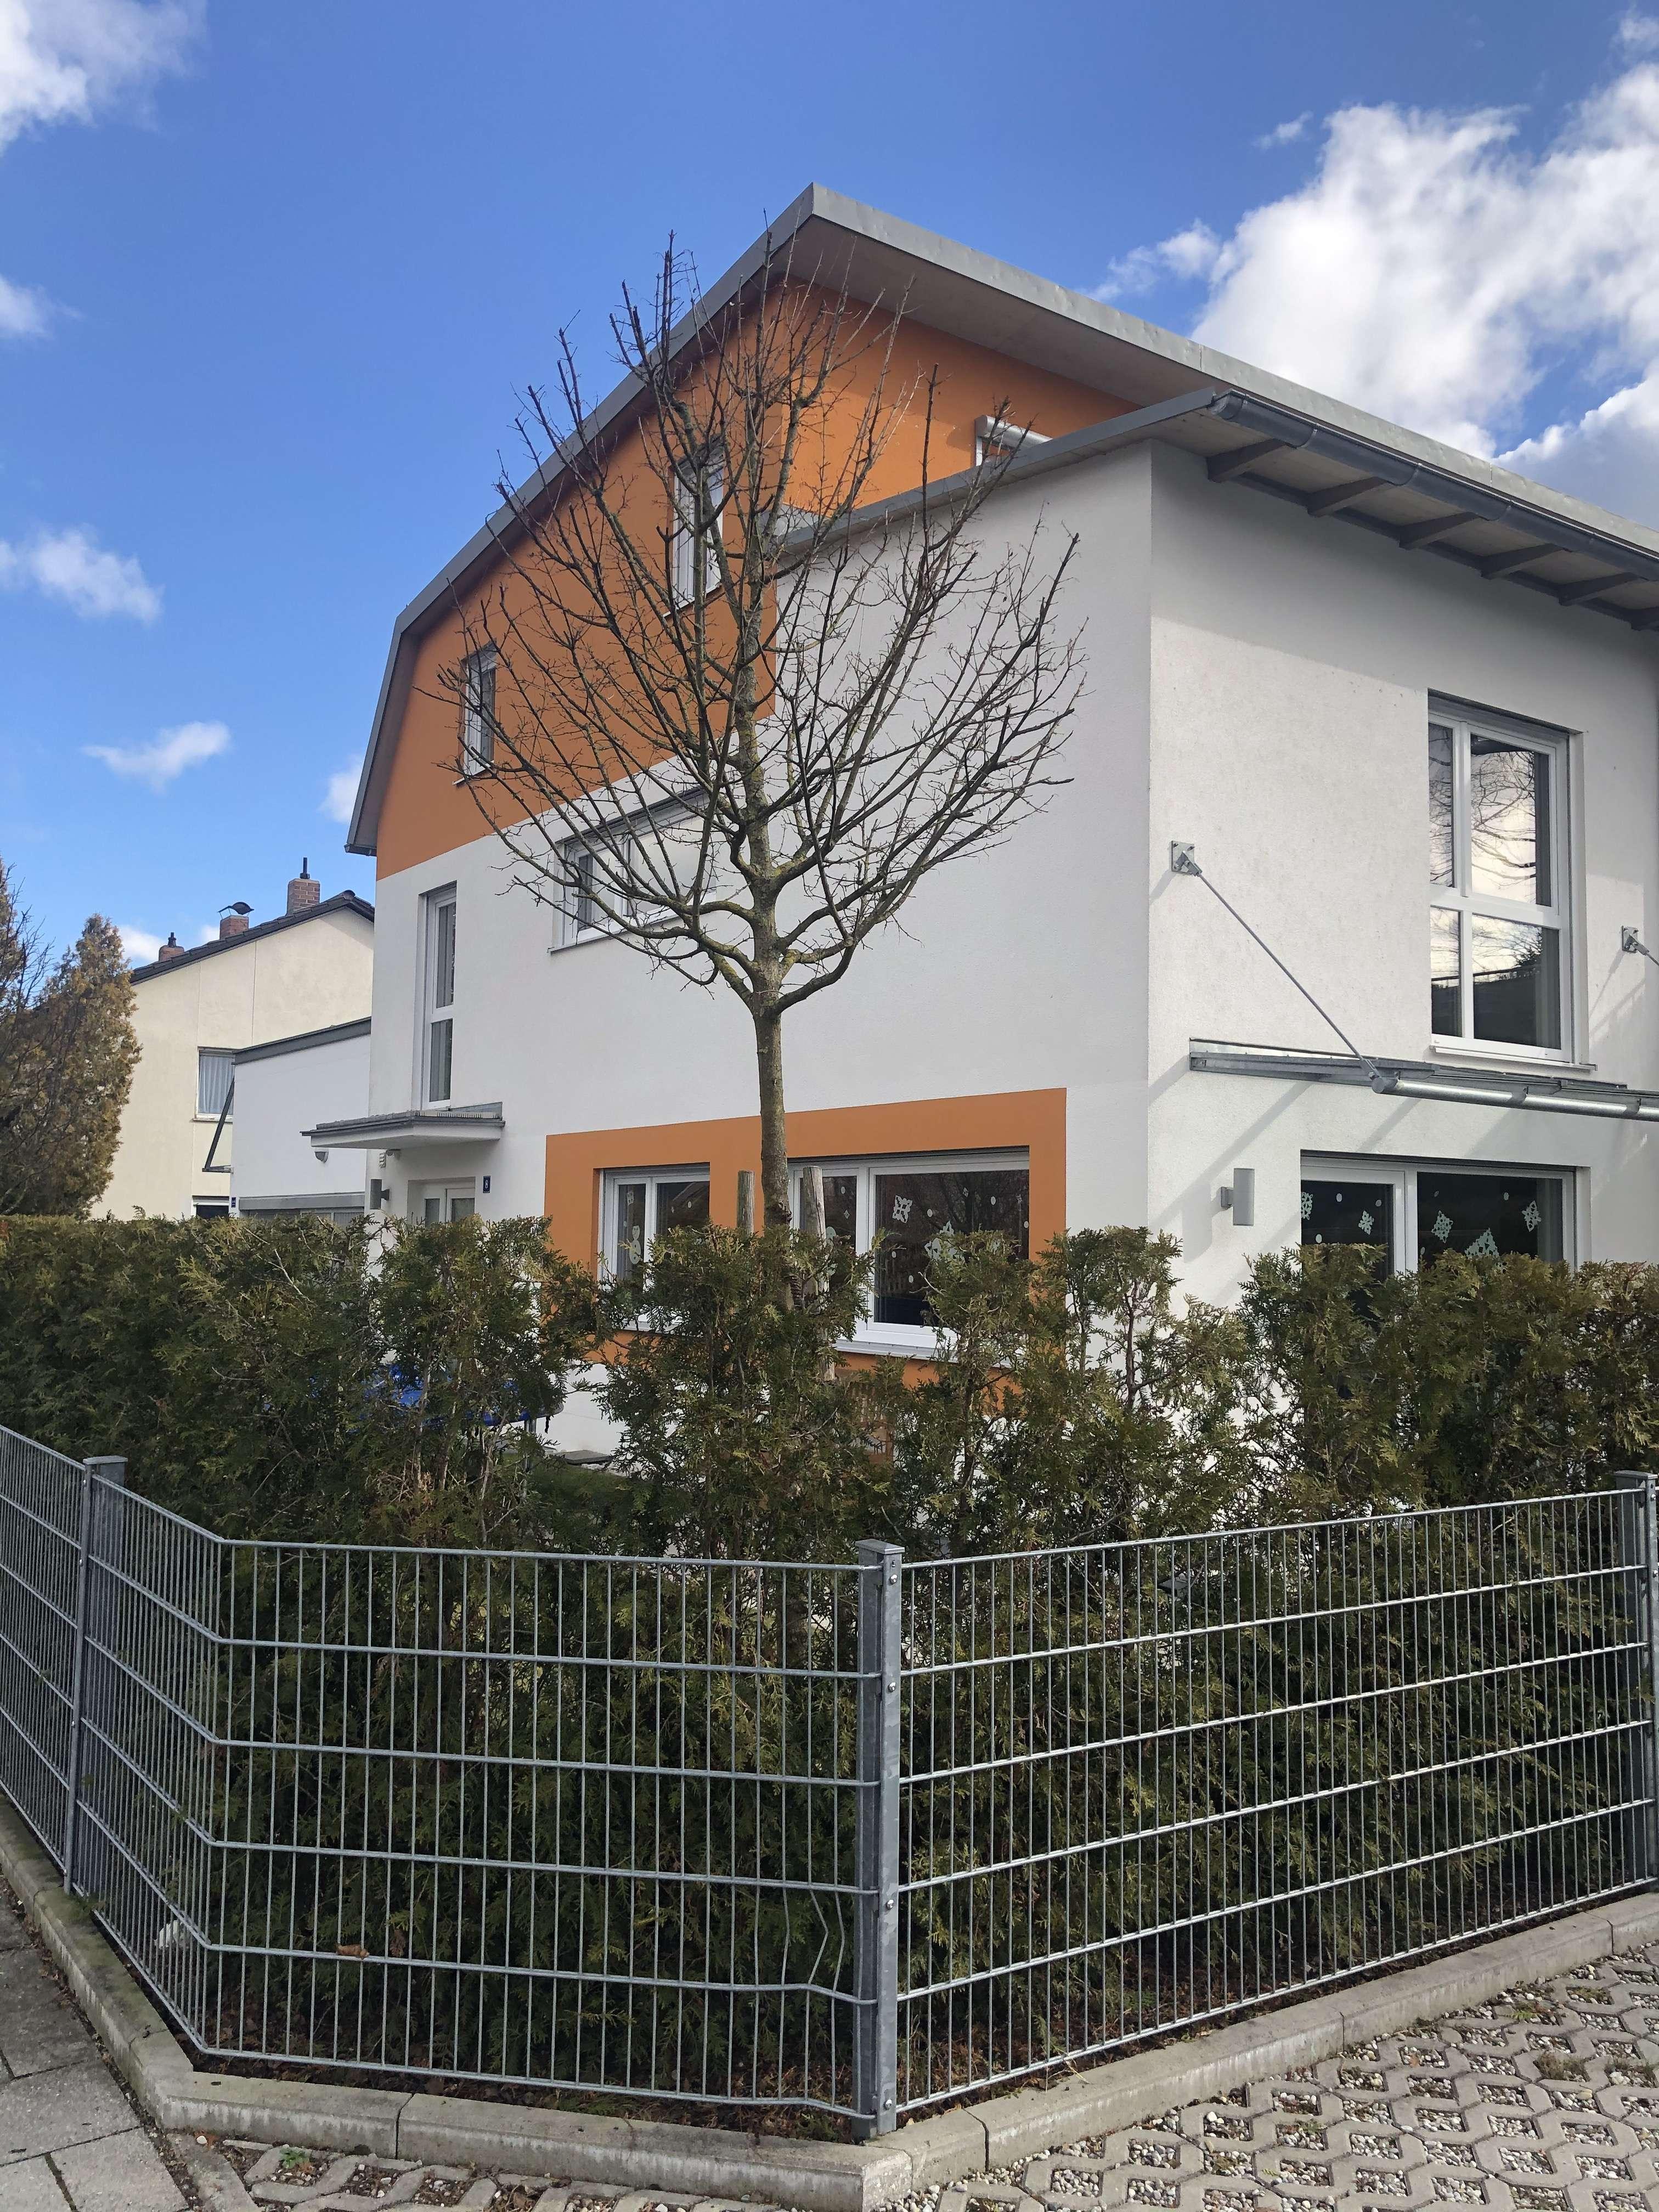 Großzügiges Wohnen: Haus im Haus (KG-DG) mit separatem Eingang in kleiner Wohnanlage in Germering (Fürstenfeldbruck)